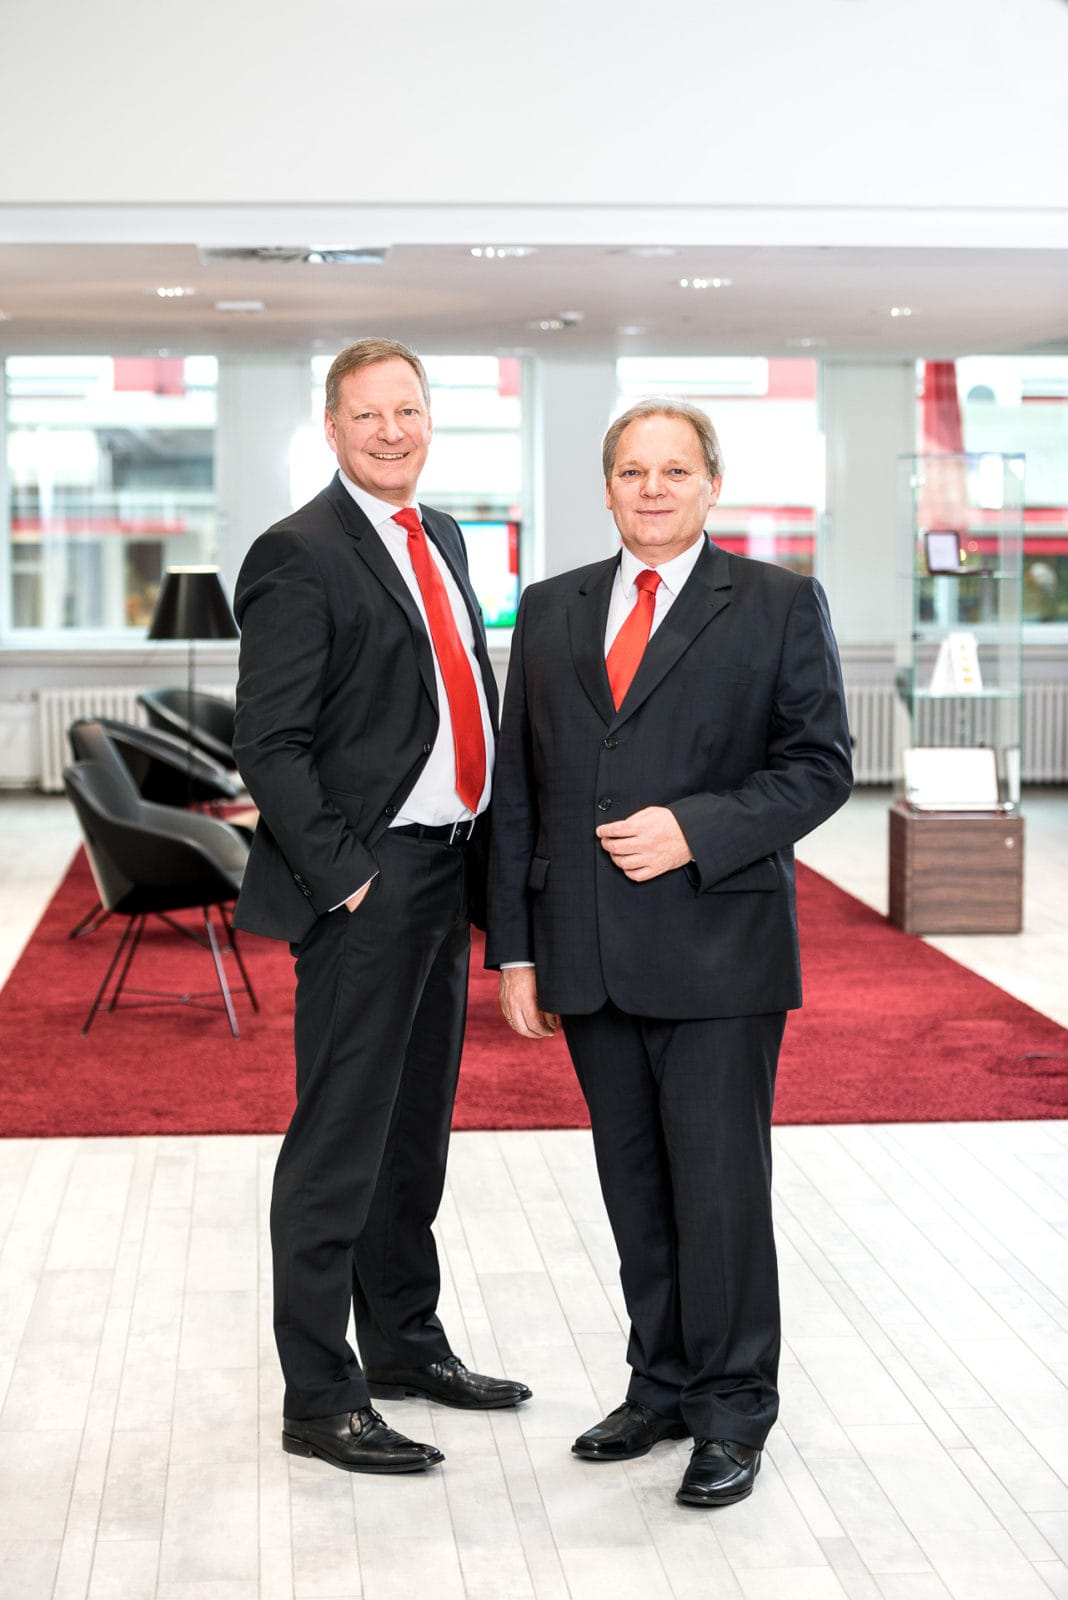 Fotografie für den Geschäftsbericht der Sparkasse Schwerte - Portrait des Vorstands - Annual Report für die Werbeagentur Canvas / Welver / Sauerland